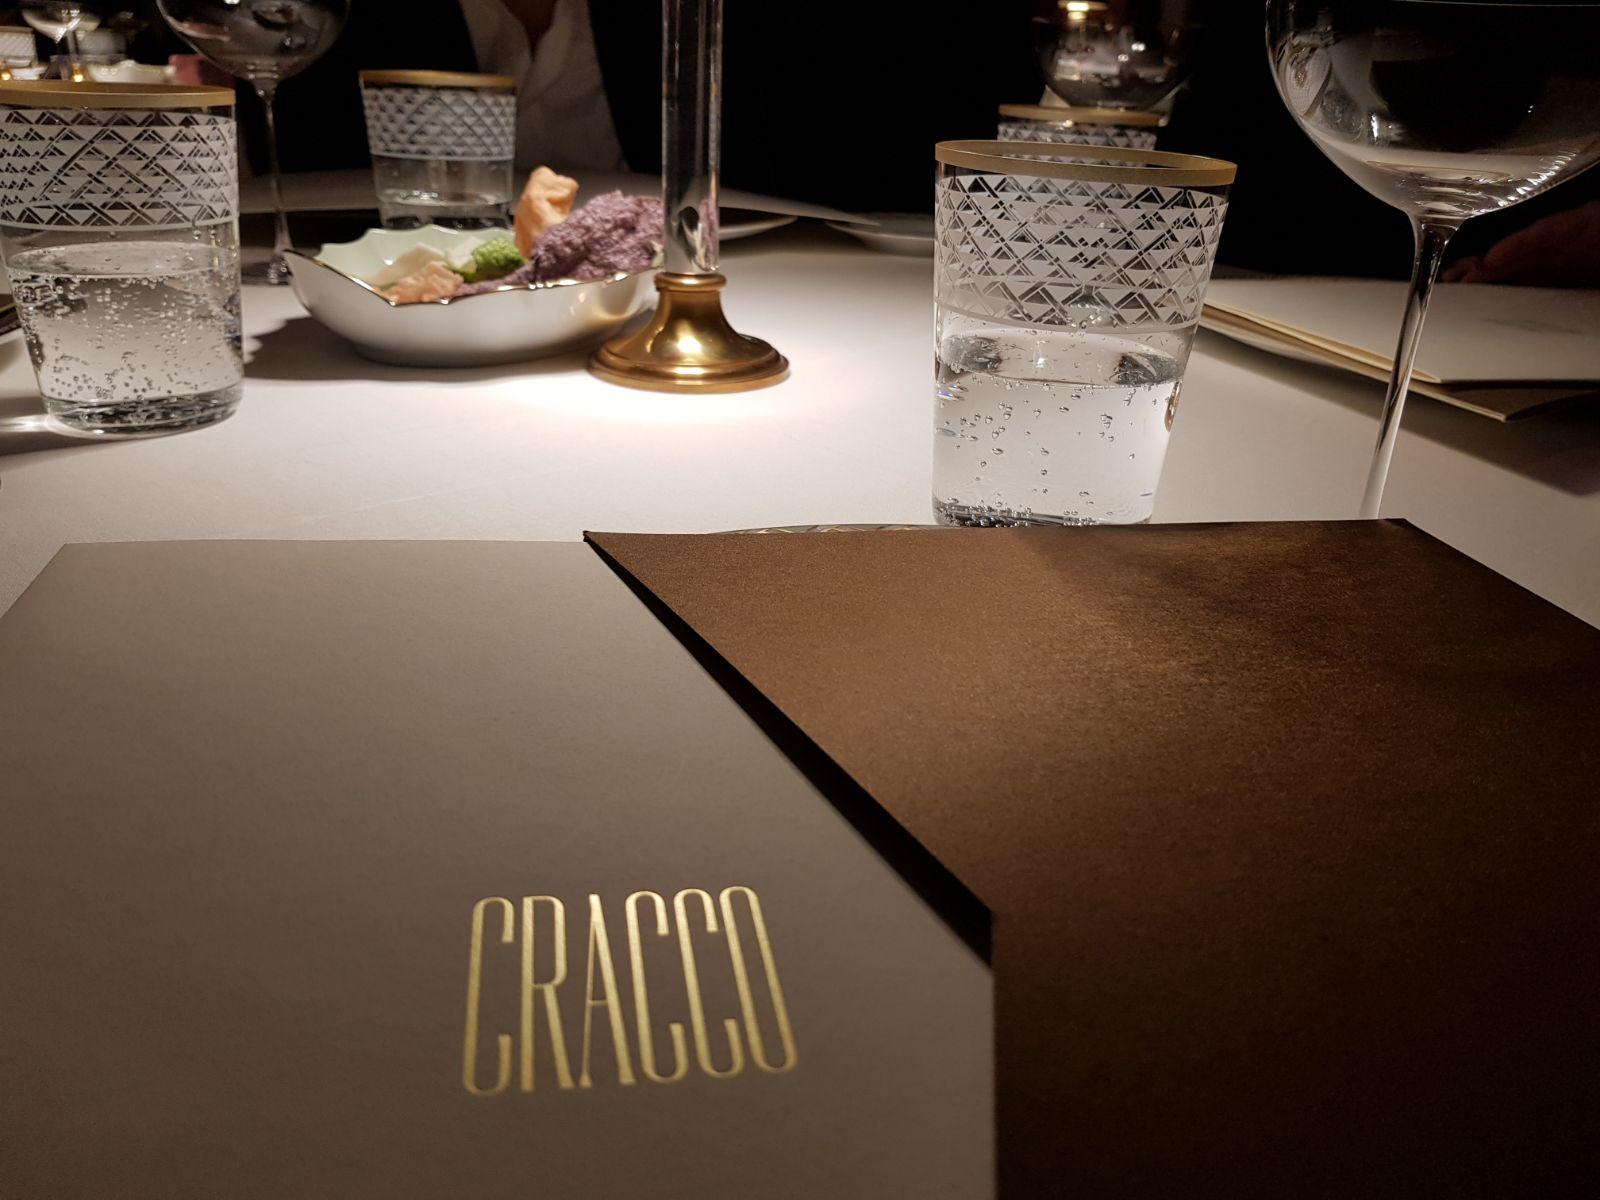 Carlo Cracco menu Galleria